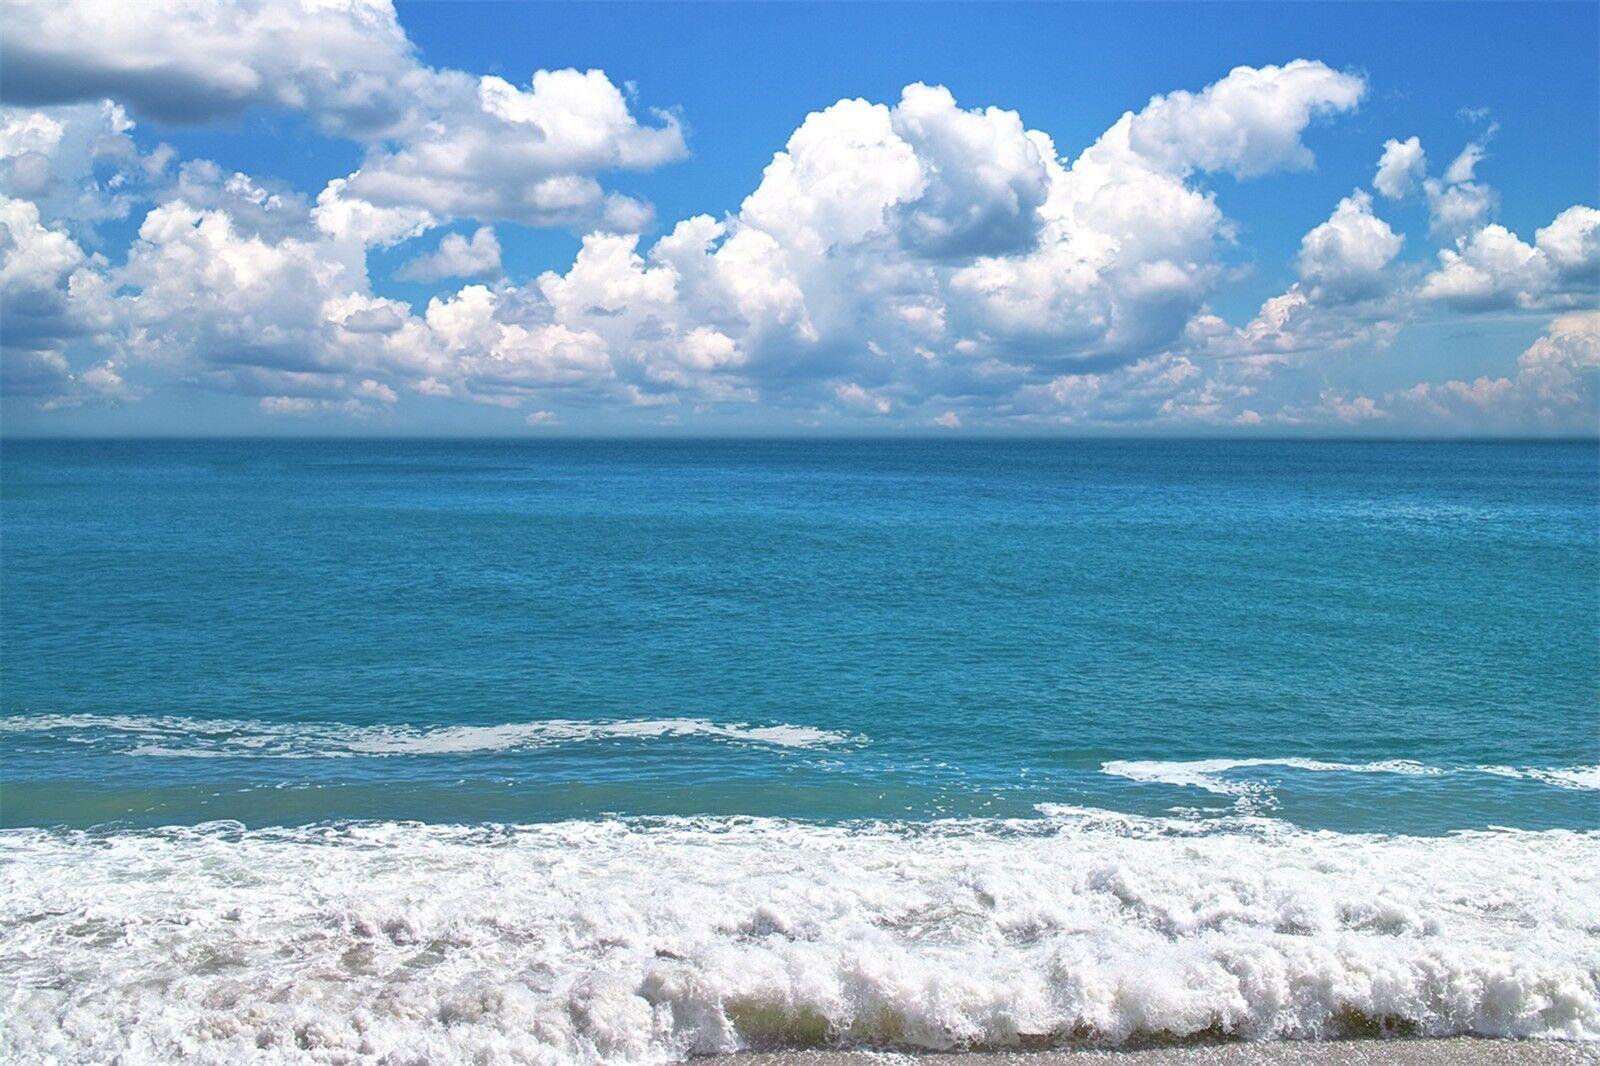 3D Himmel Wolken Meer Meer Meer 883 Tapete Wandgemälde Tapeten Bild Familie DE Lemon | Erste Klasse in seiner Klasse  | Starke Hitze- und Hitzebeständigkeit  |  8d21d1